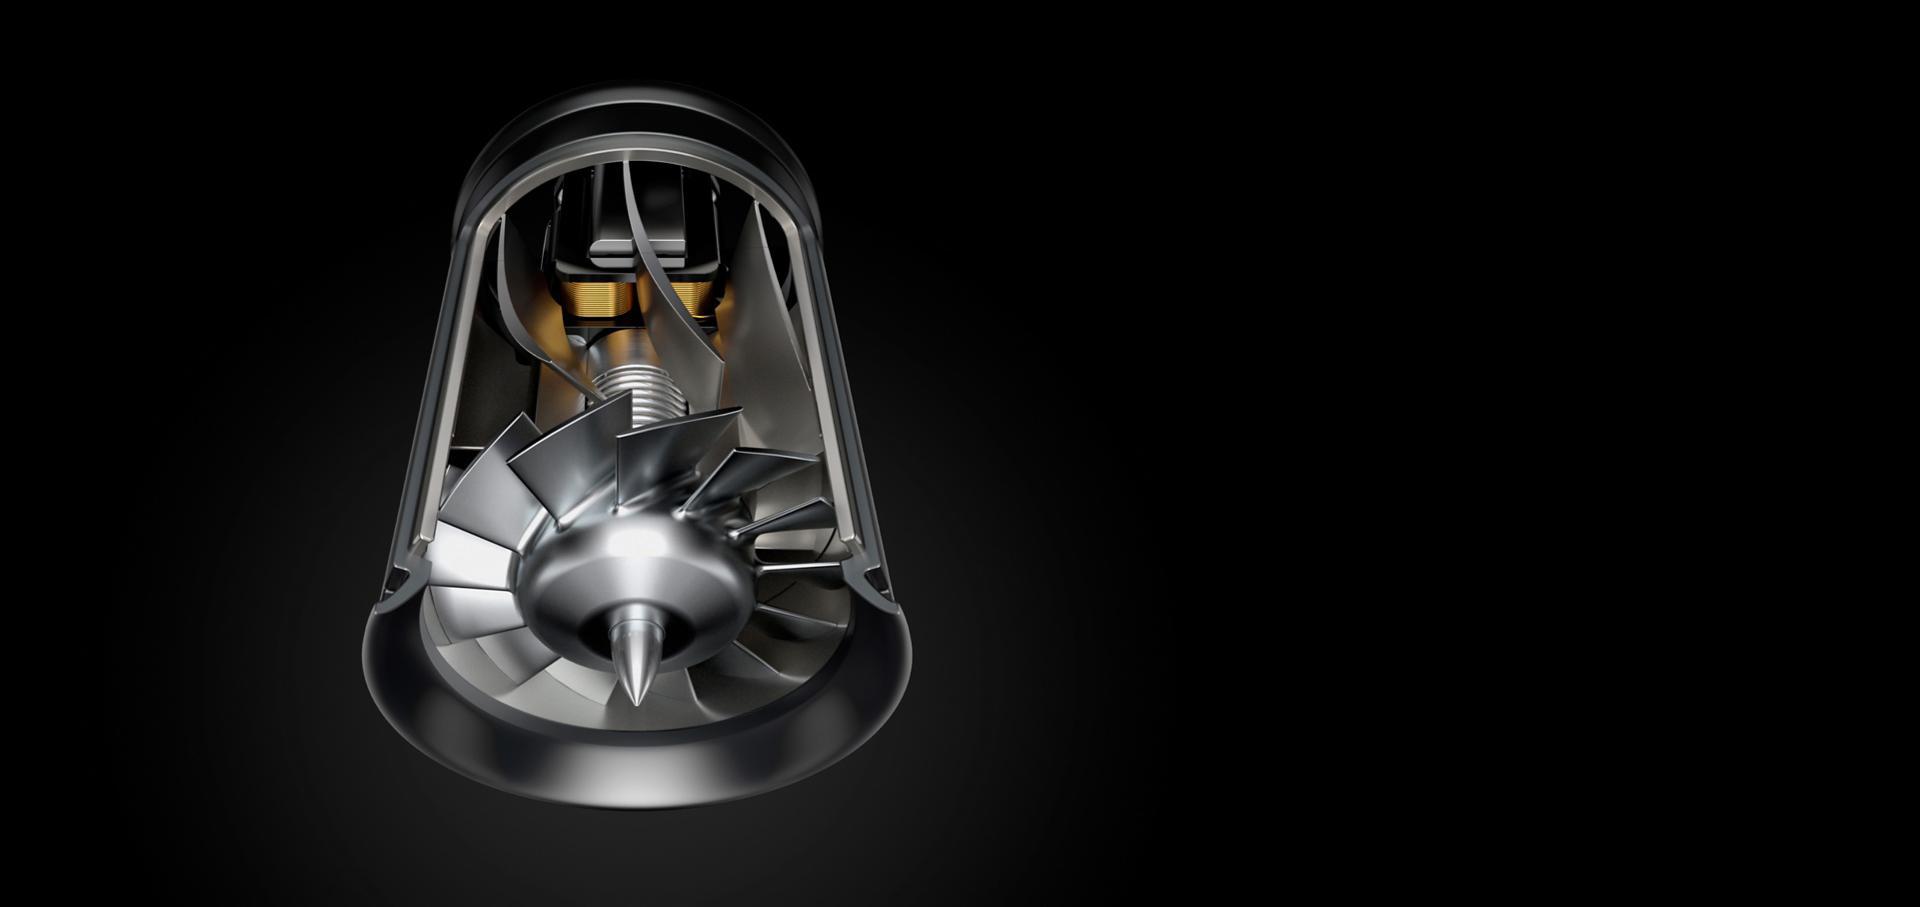 מבט תחתון על מנוע V9 הדיגיטלי של Dyson והמדחף